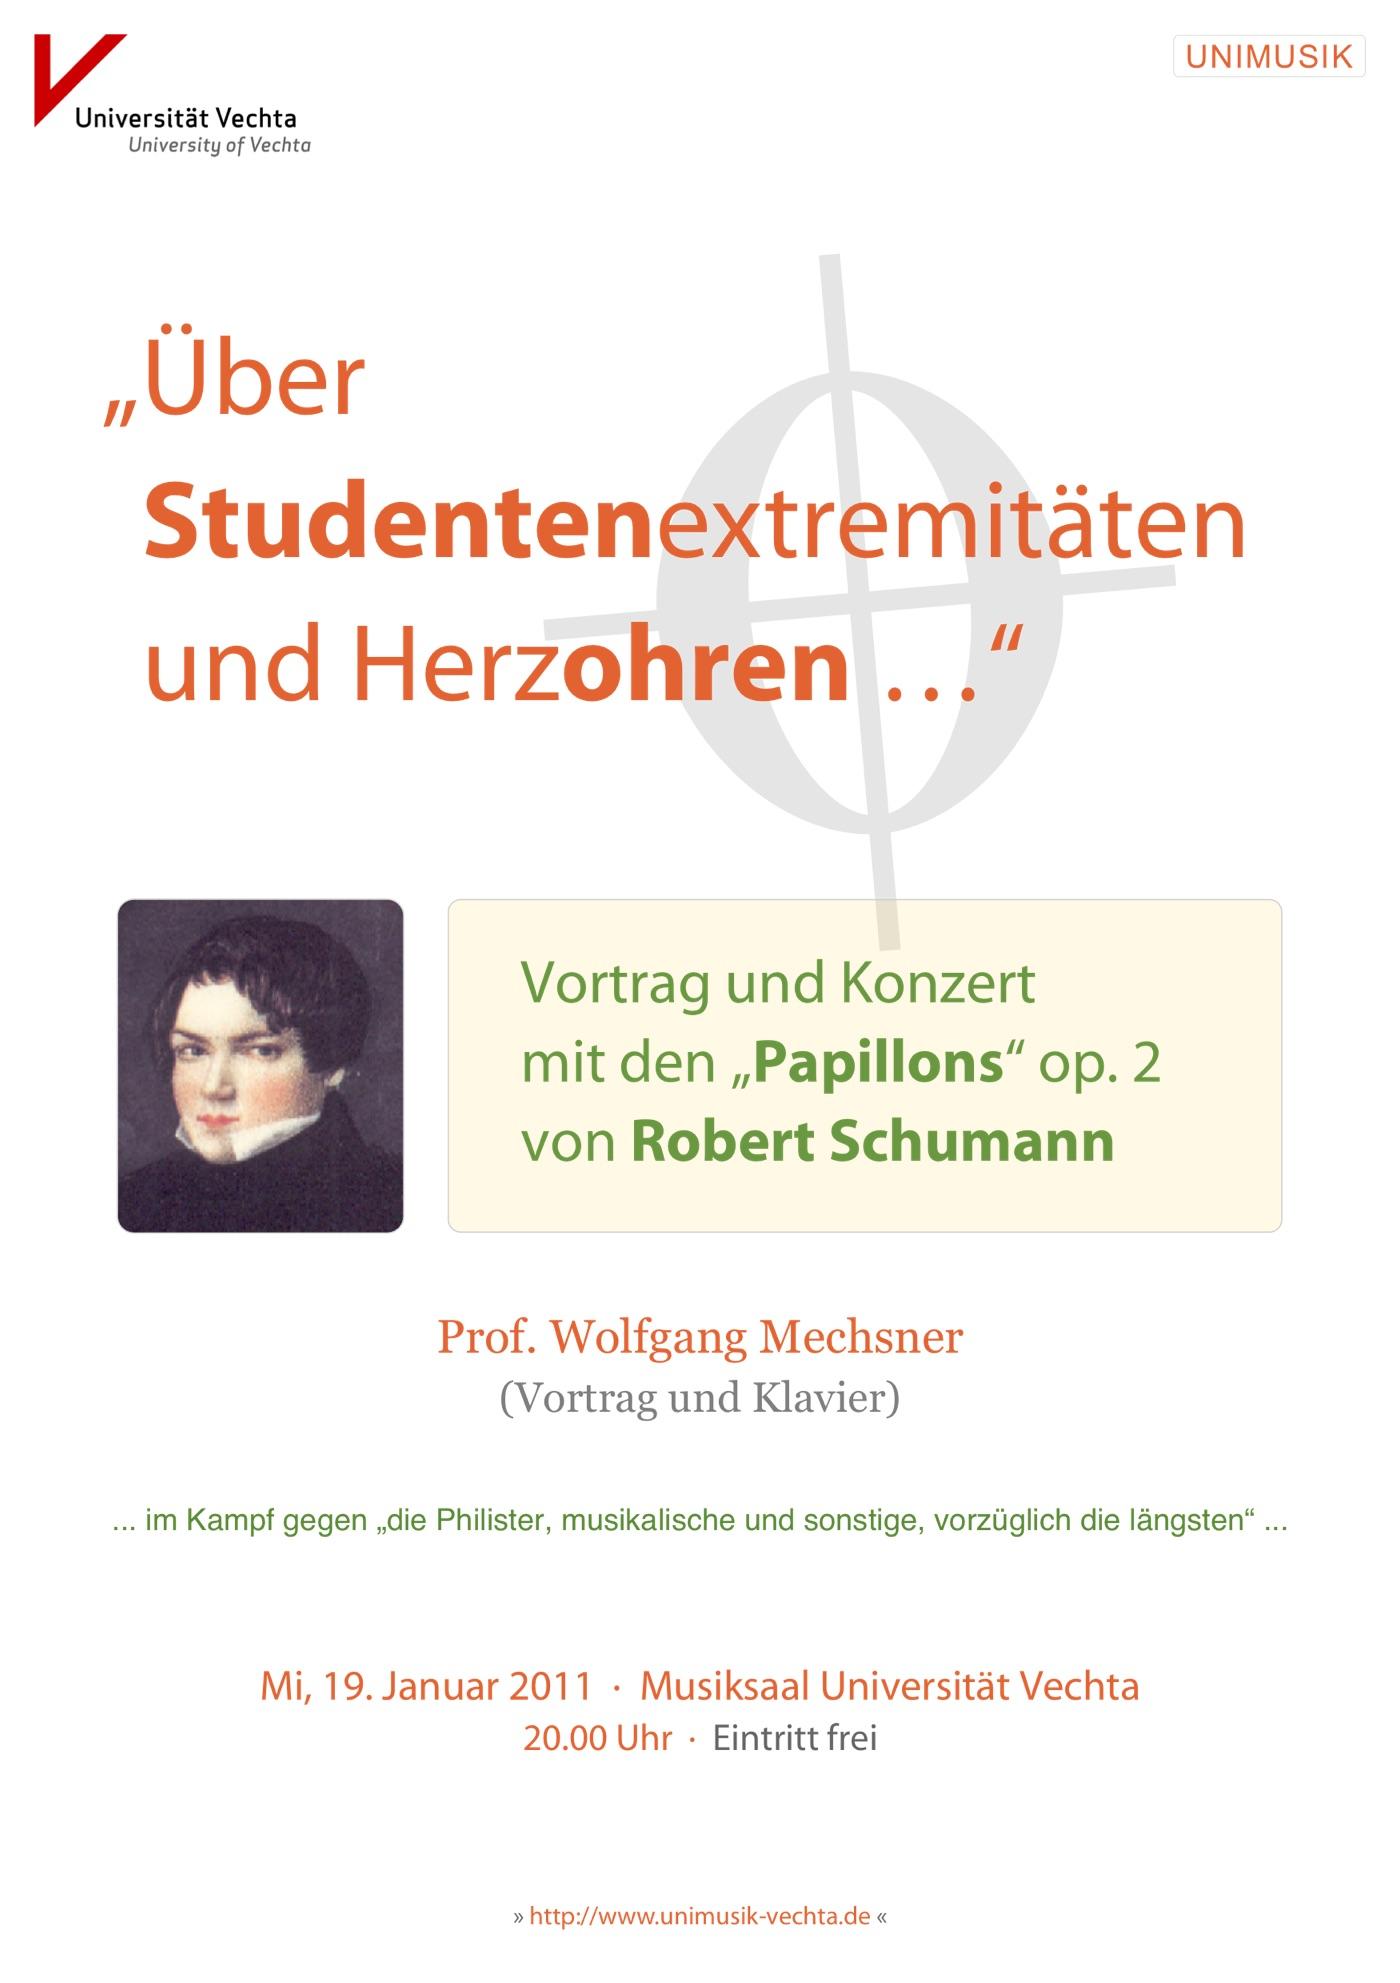 Flyer · Papillons Schumann · UNIMUSIK